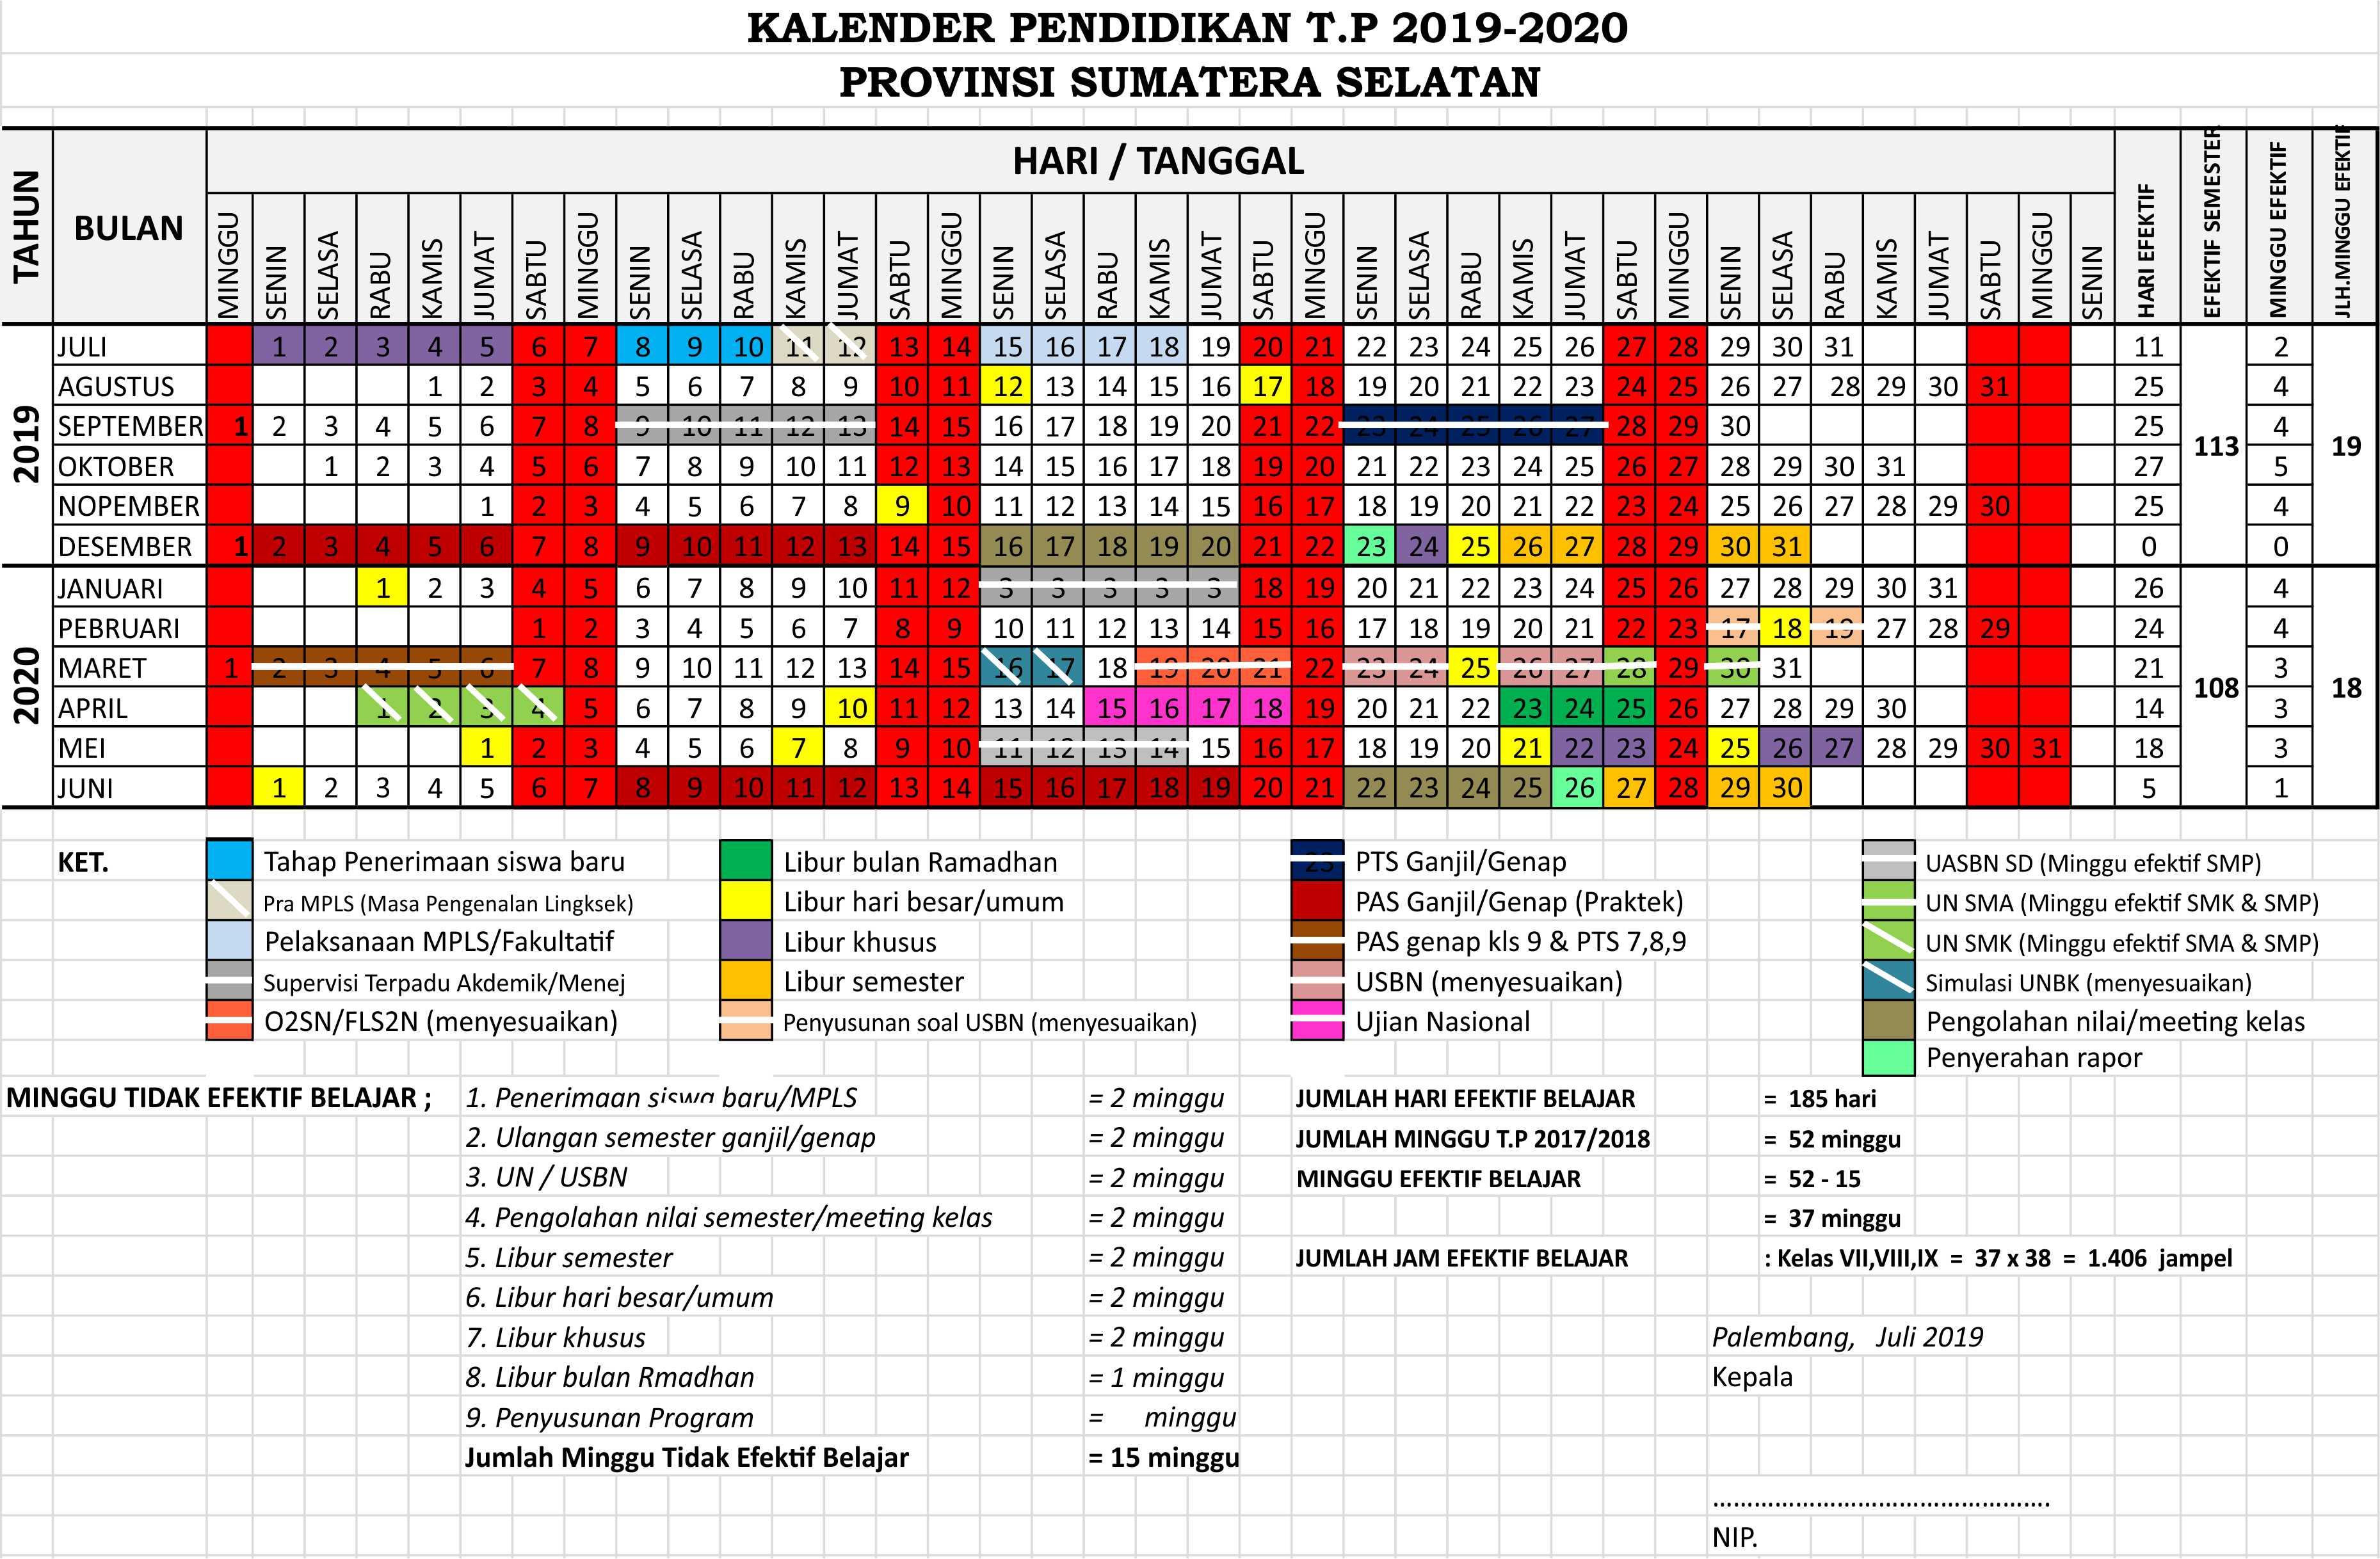 kalender pendidikan 2019 - 2020 sumatera selatan